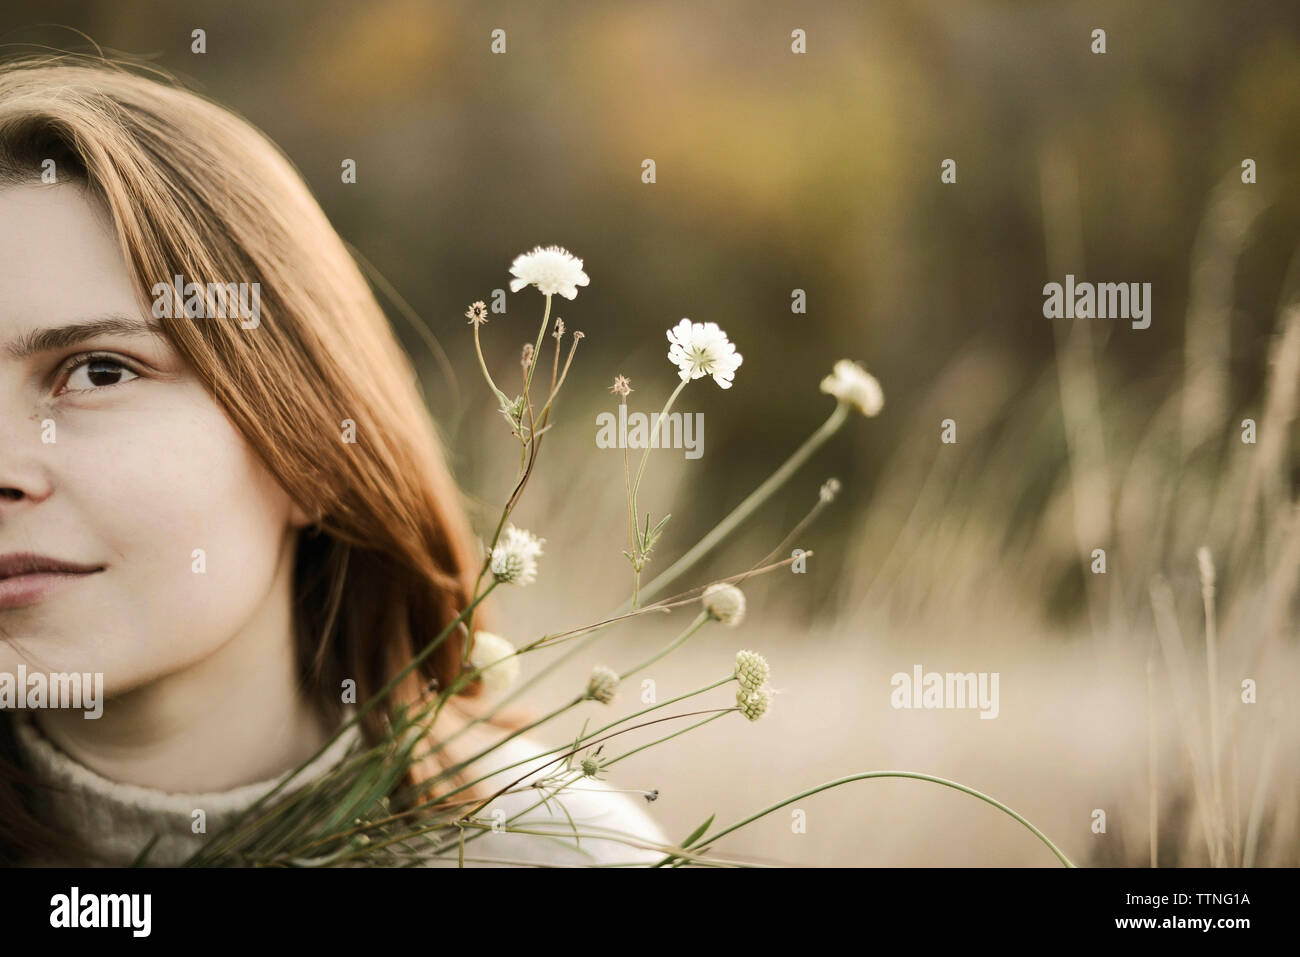 Jeune fille à l'extérieur de bouquet de wildlowers. Banque D'Images